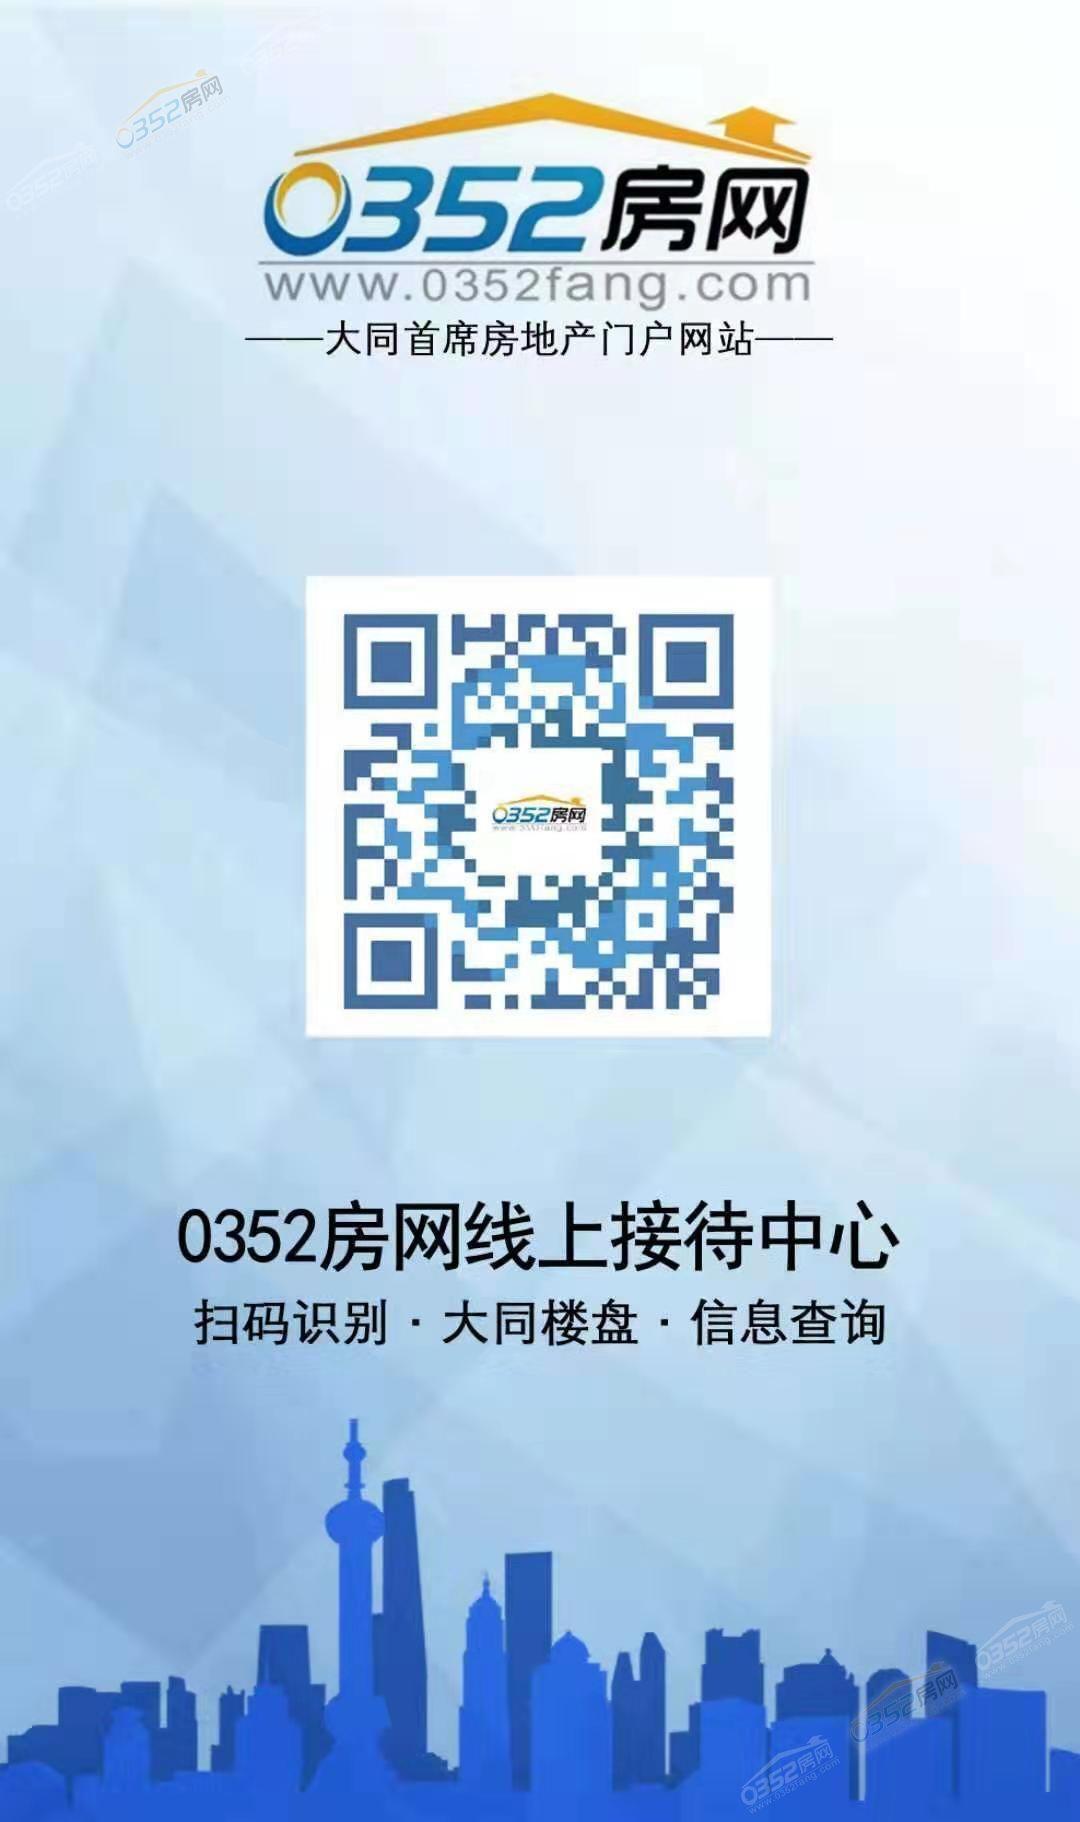 311729358b55b3a5818094.jpg